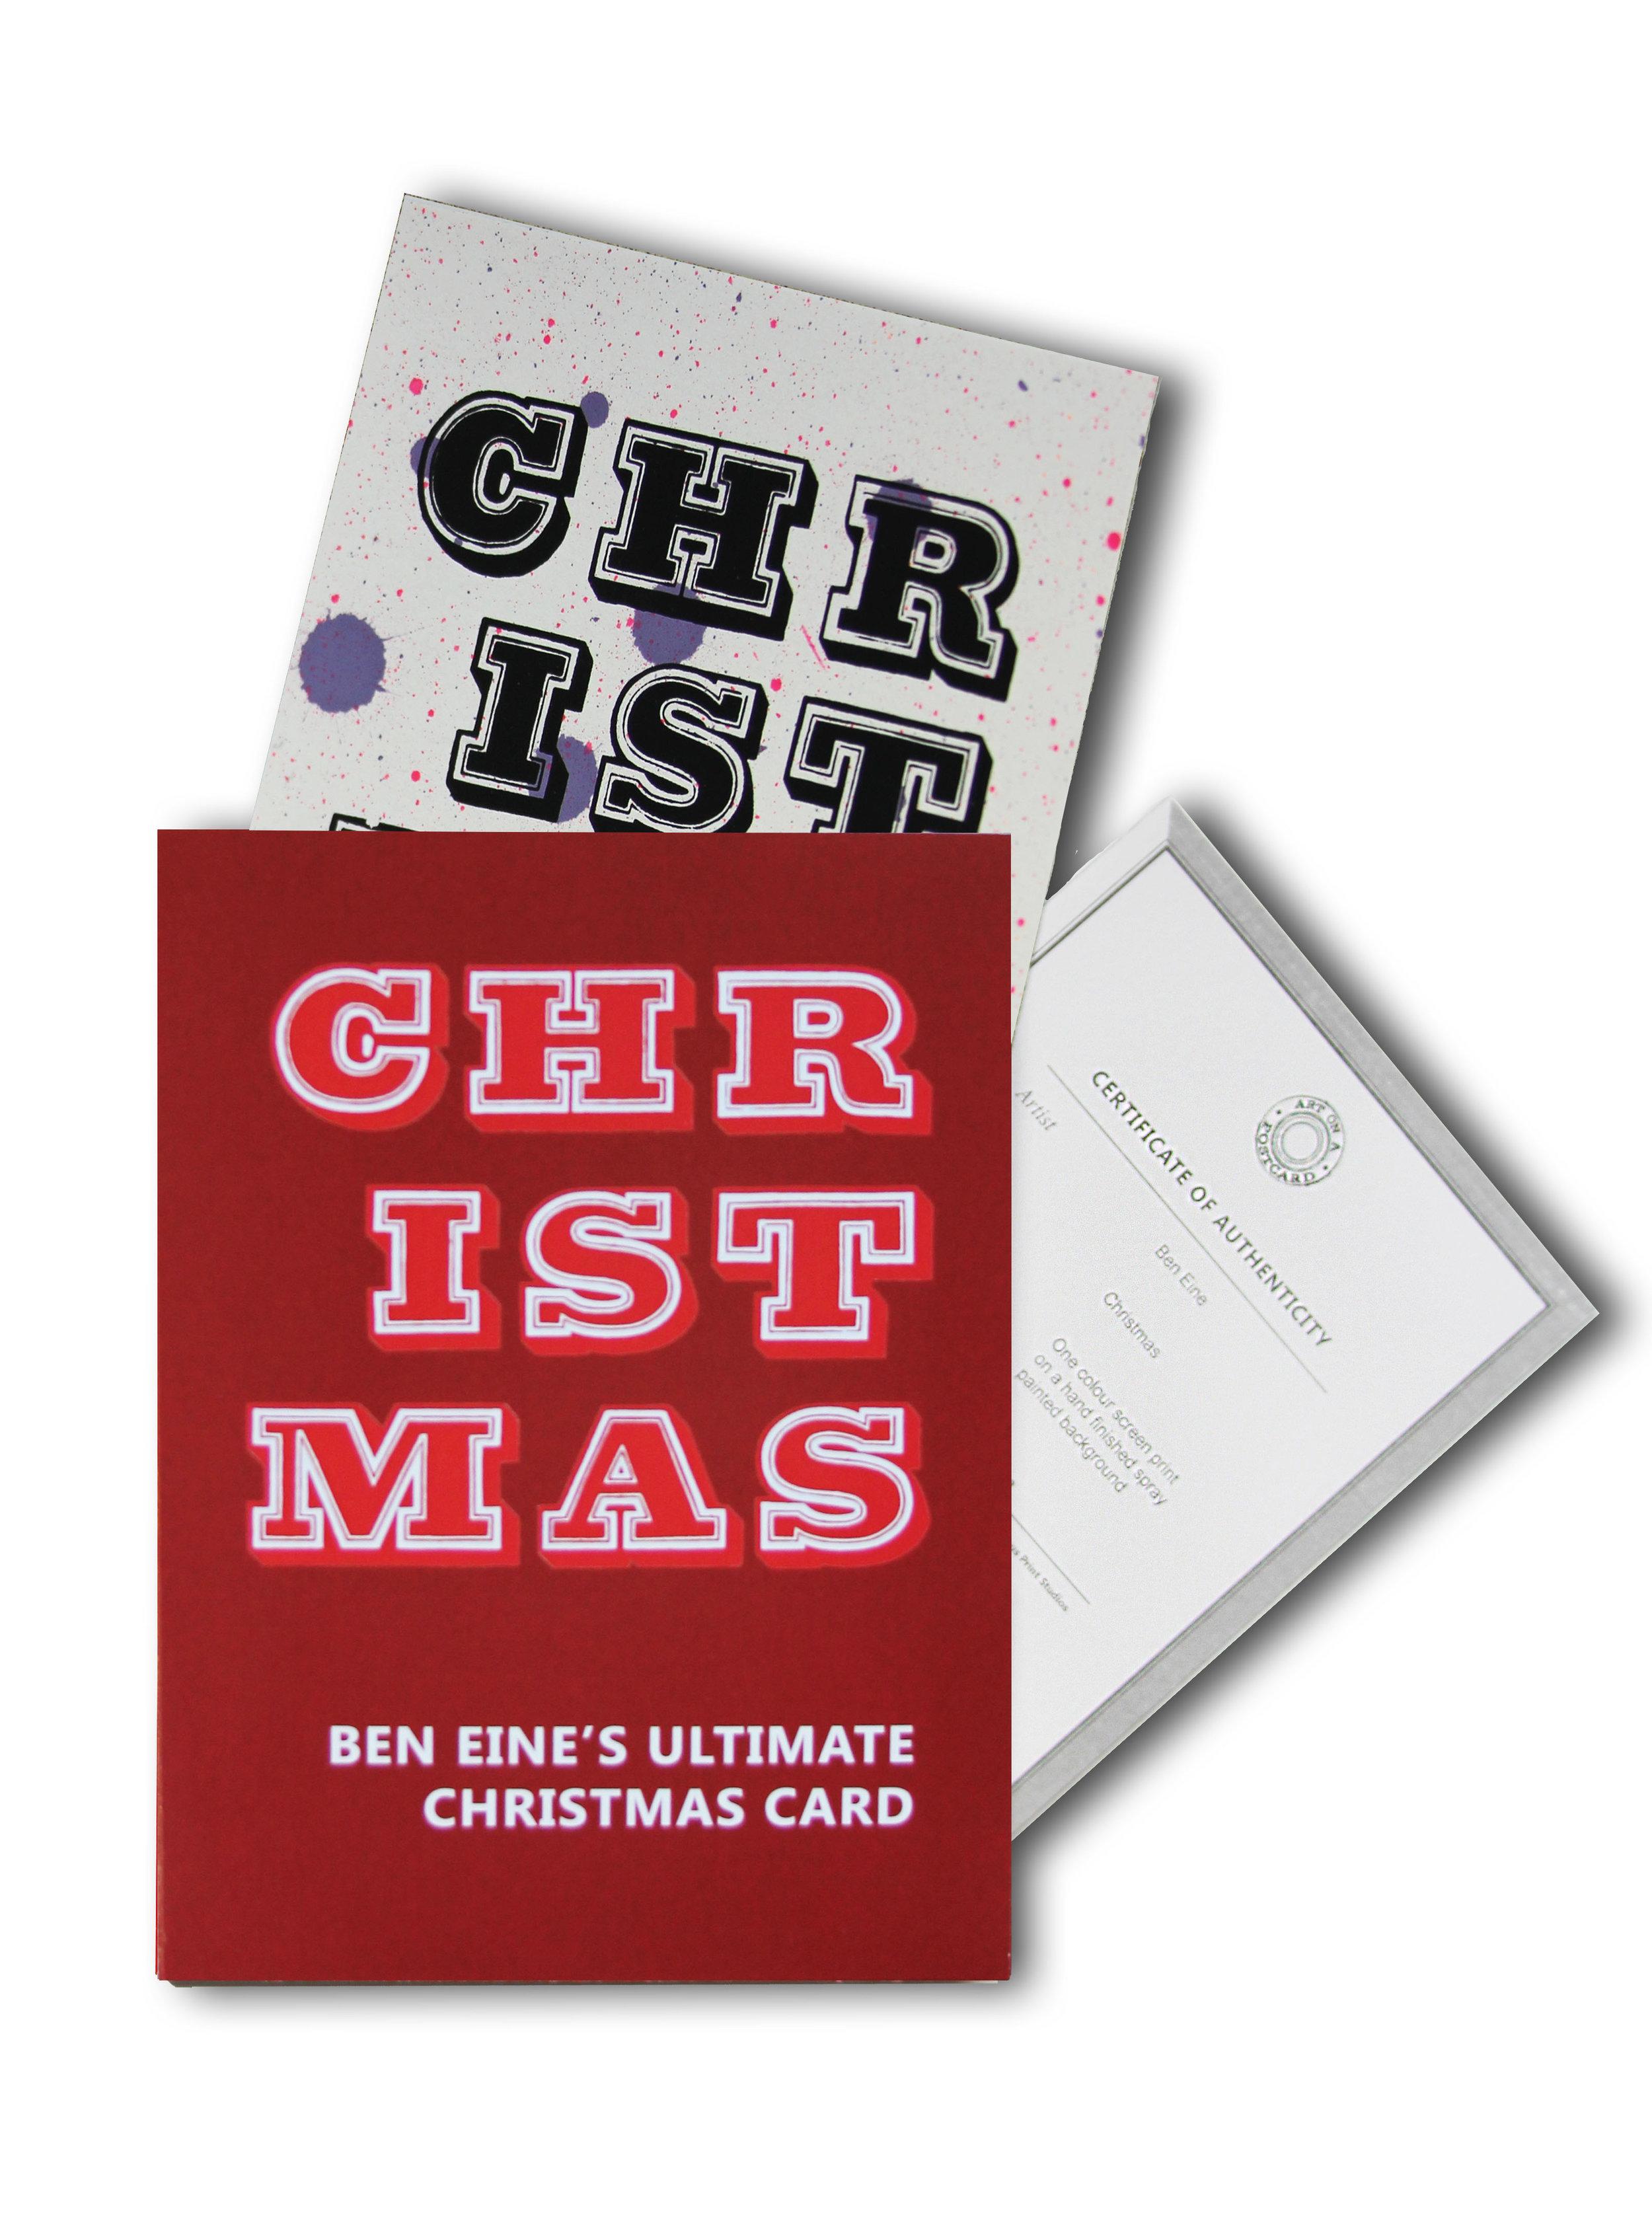 Ben Eine Christmas Card 4.jpg